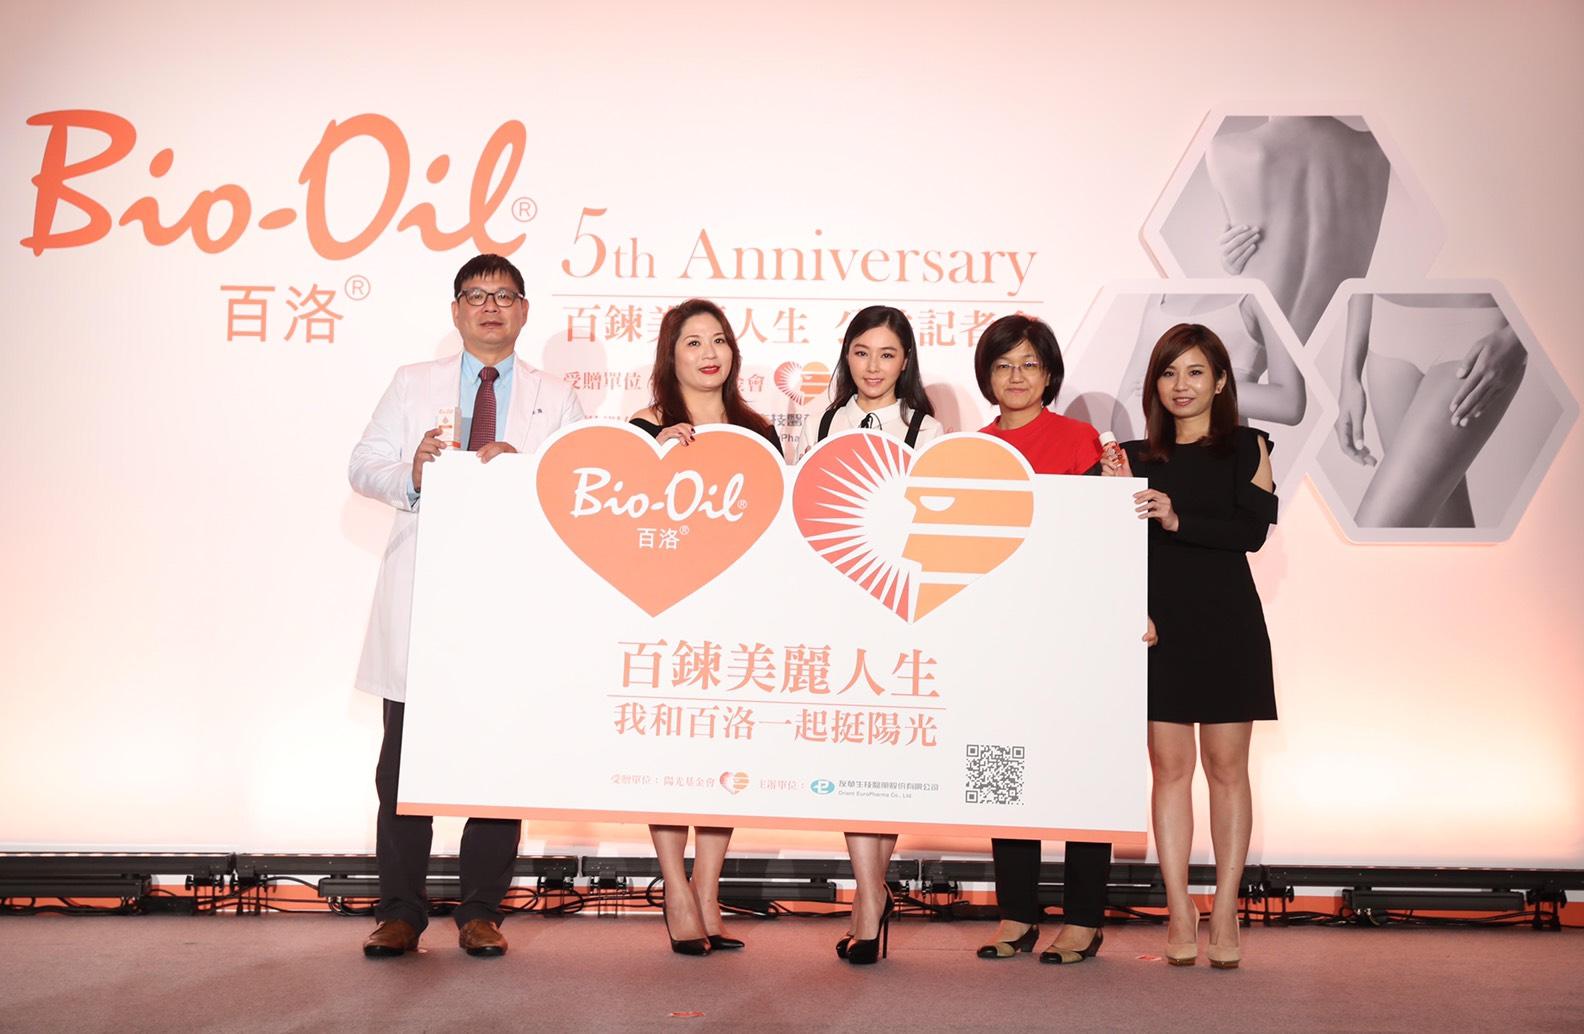 百洛護膚油 Bio-Oil捐助共50萬產品及善款資助陽光顏損及燒傷者生心理重建服務。